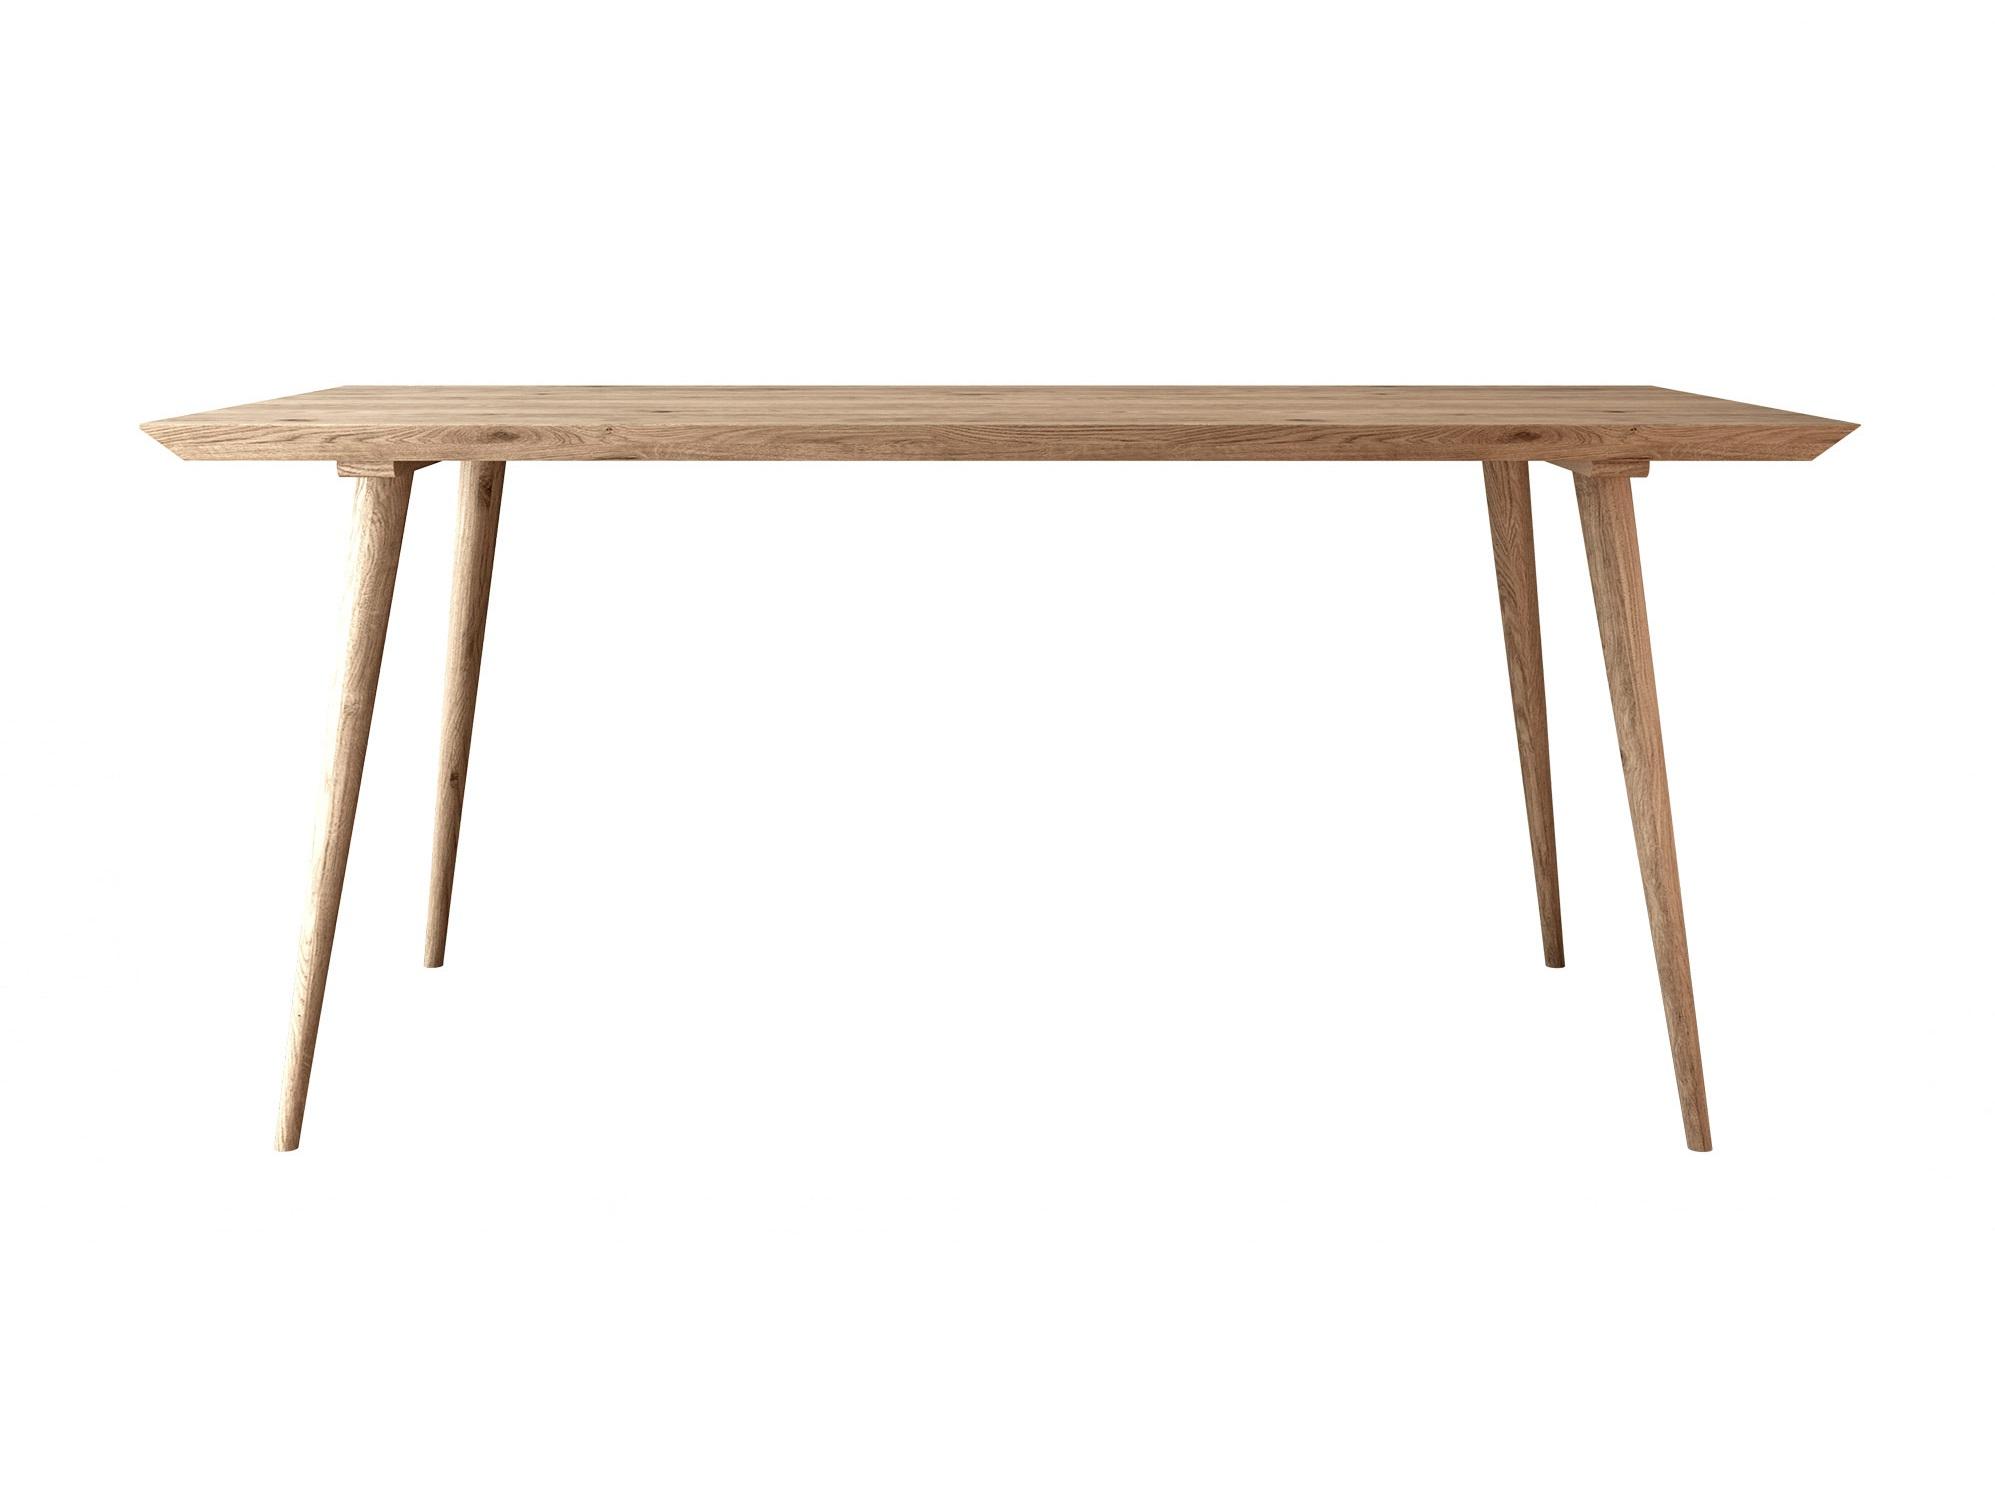 Обеденный стол JordanОбеденные столы<br>Обеденный стол из коллекции &amp;quot;Jordan&amp;quot;.&amp;amp;nbsp;&amp;lt;div&amp;gt;Выполнен полностью из массива дуба.&amp;amp;nbsp;&amp;lt;/div&amp;gt;&amp;lt;div&amp;gt;Цвет - натуральный дуб.&amp;lt;/div&amp;gt;<br><br>Material: Дуб<br>Ширина см: 175.0<br>Высота см: 76.0<br>Глубина см: 90.0